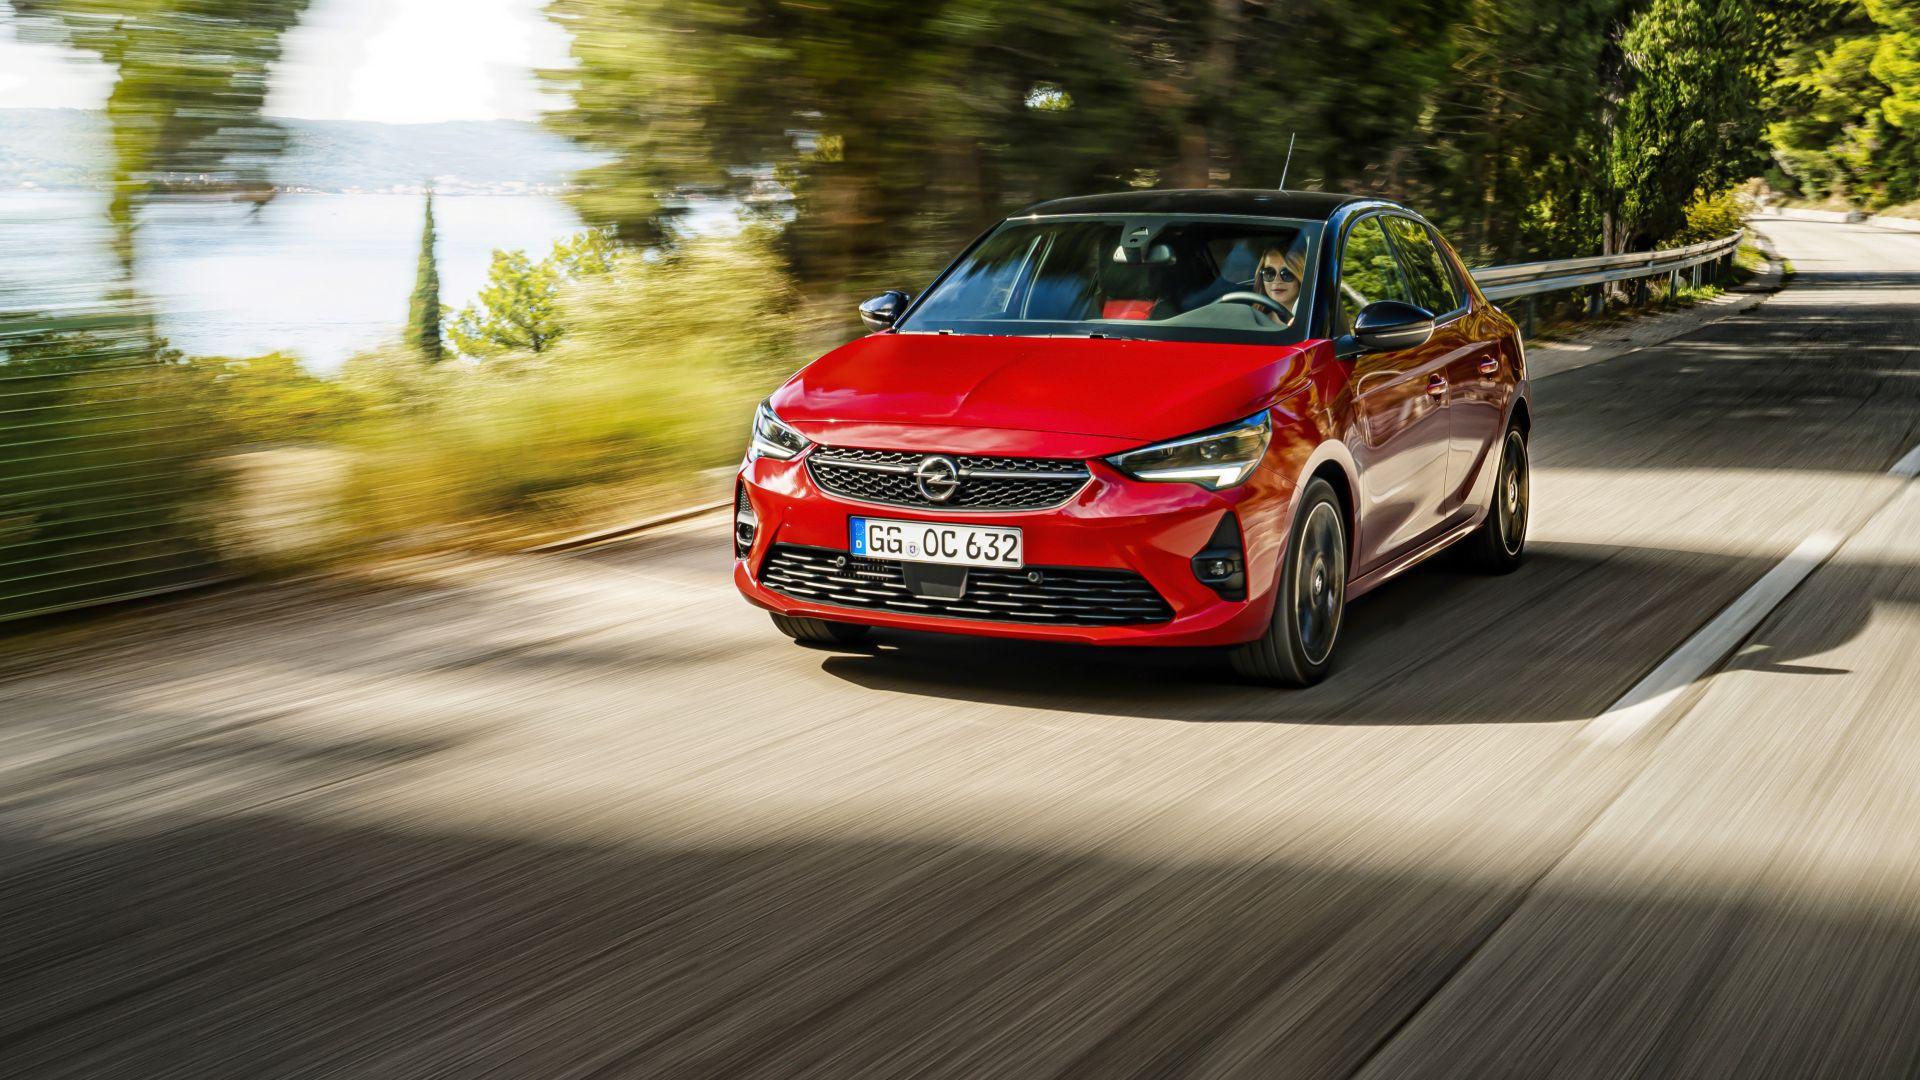 Prodaja novih automobila u porastu, najprodavaniji model u lipnju je Corsa